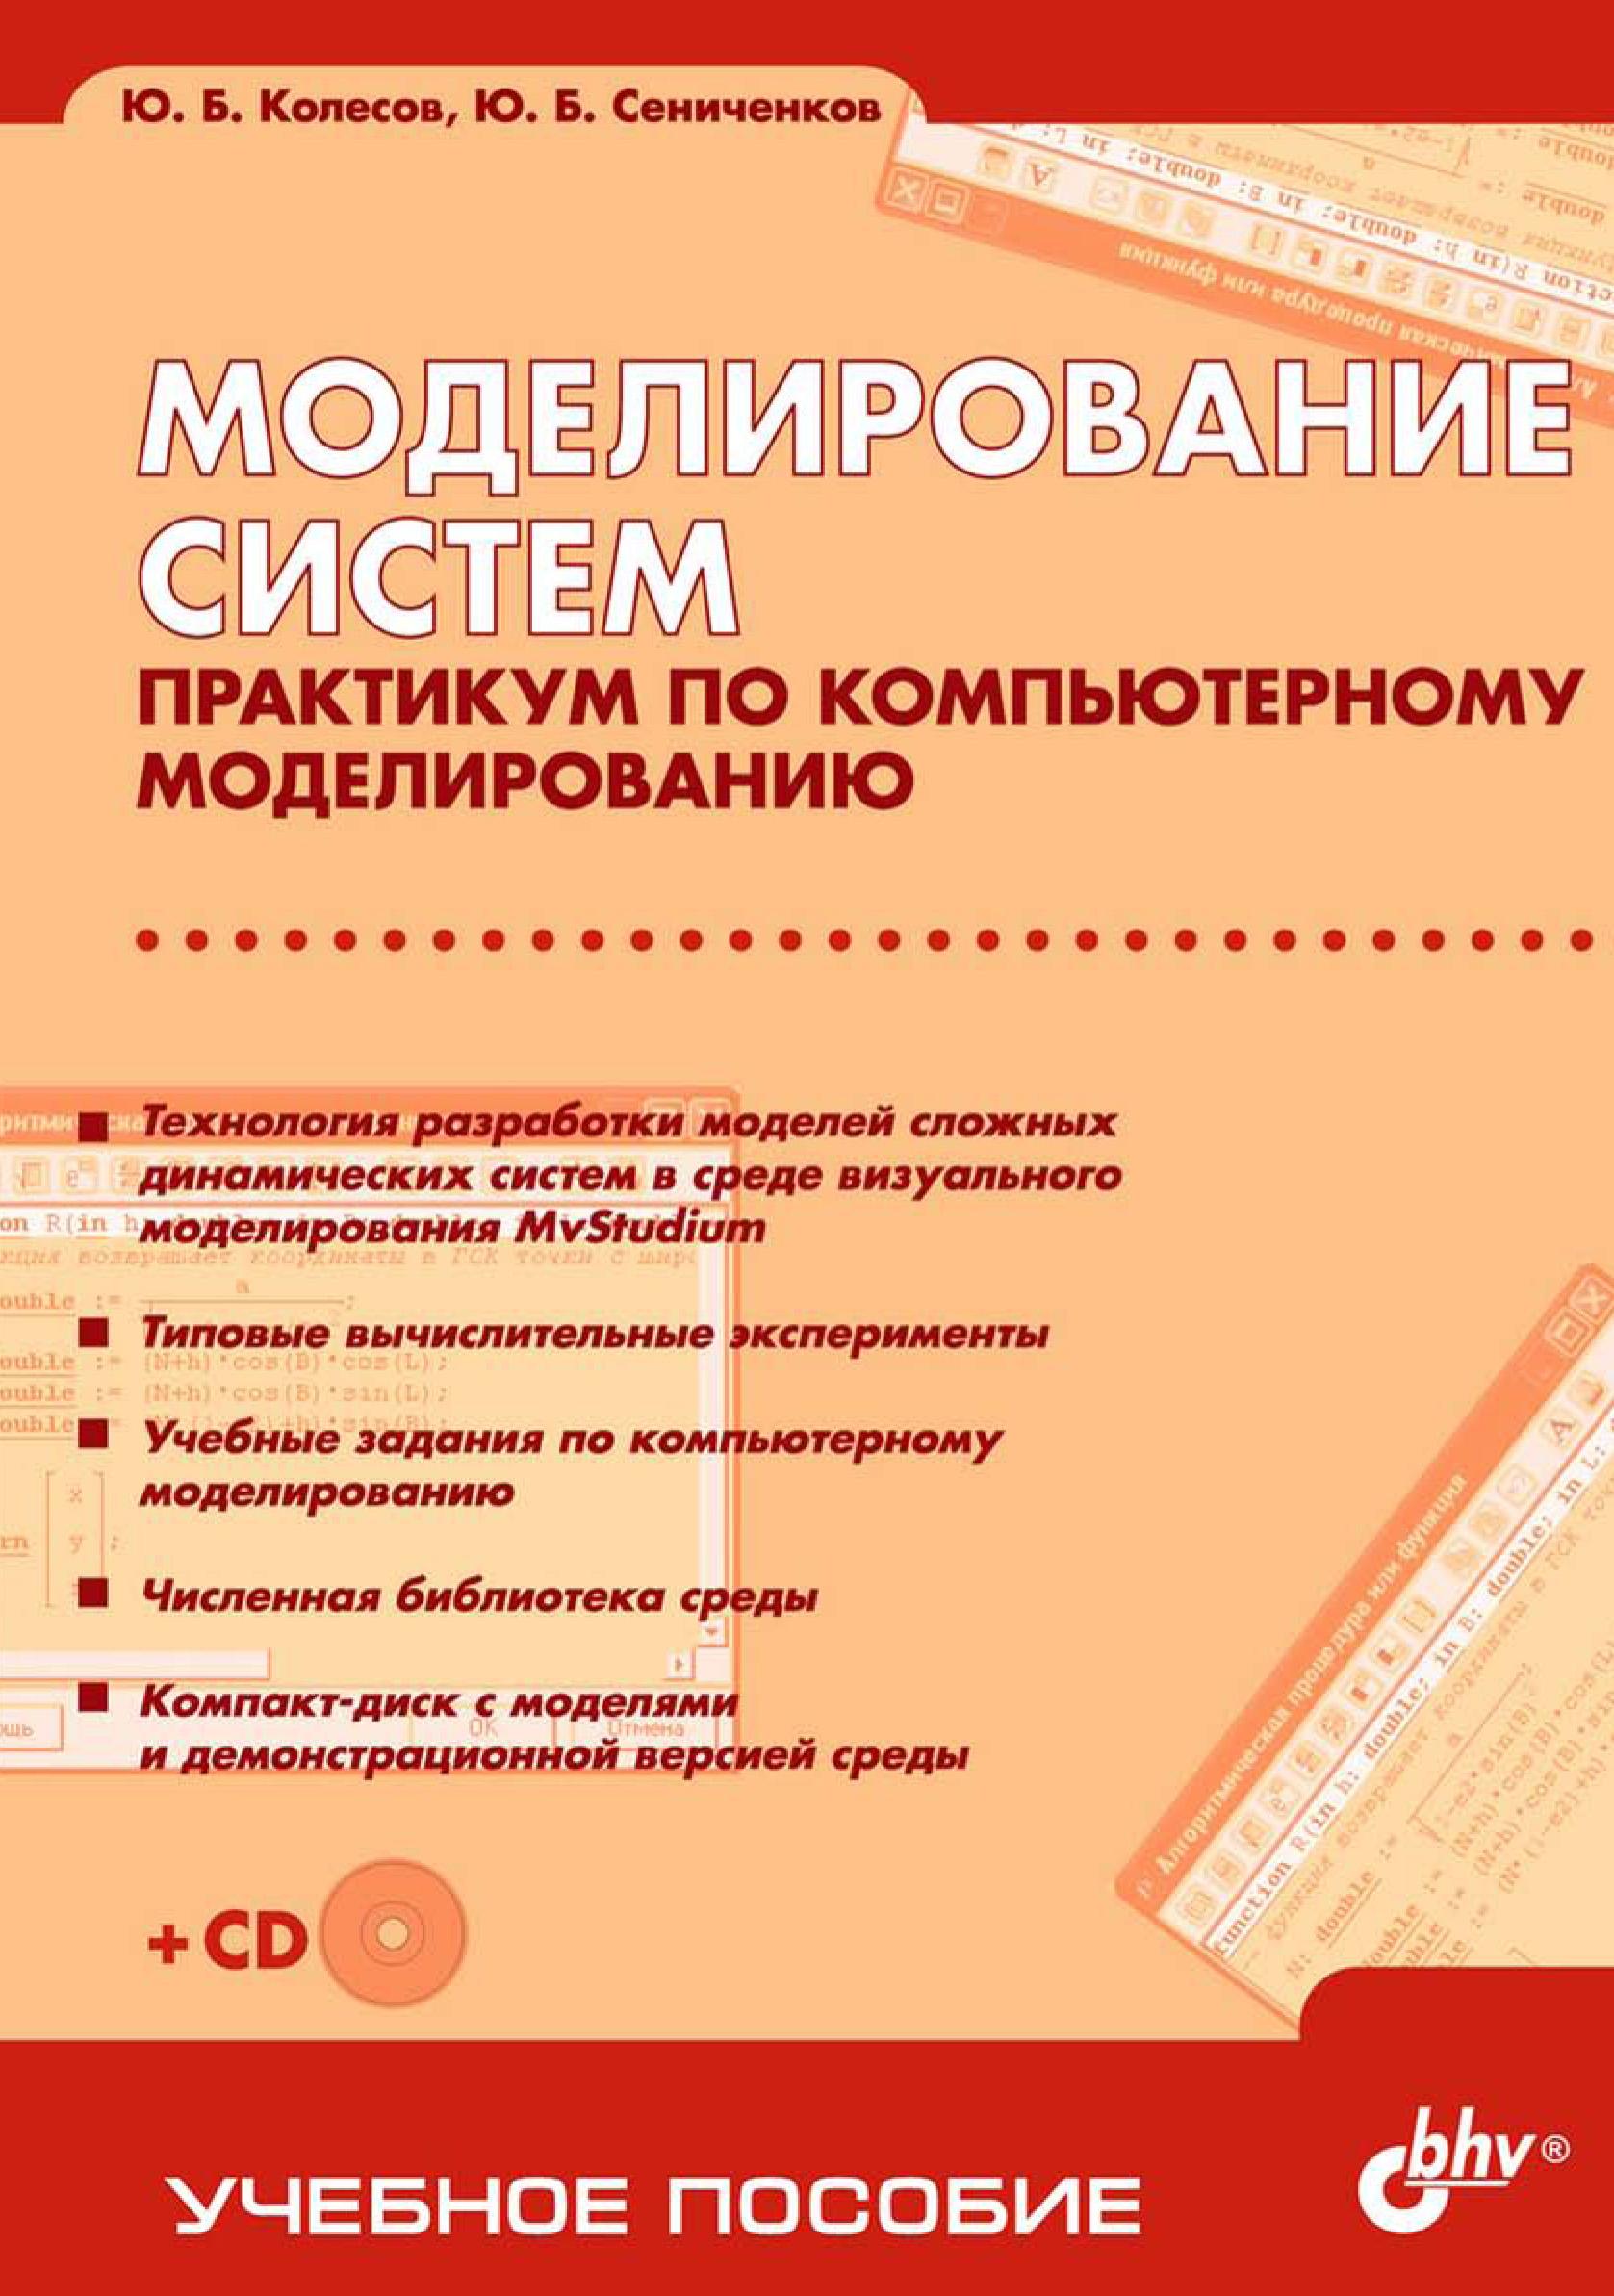 Фото - Ю. Б. Сениченков Моделирование систем. Практикум по компьютерному моделированию иван томилов инструментальное моделирование гибридных систем